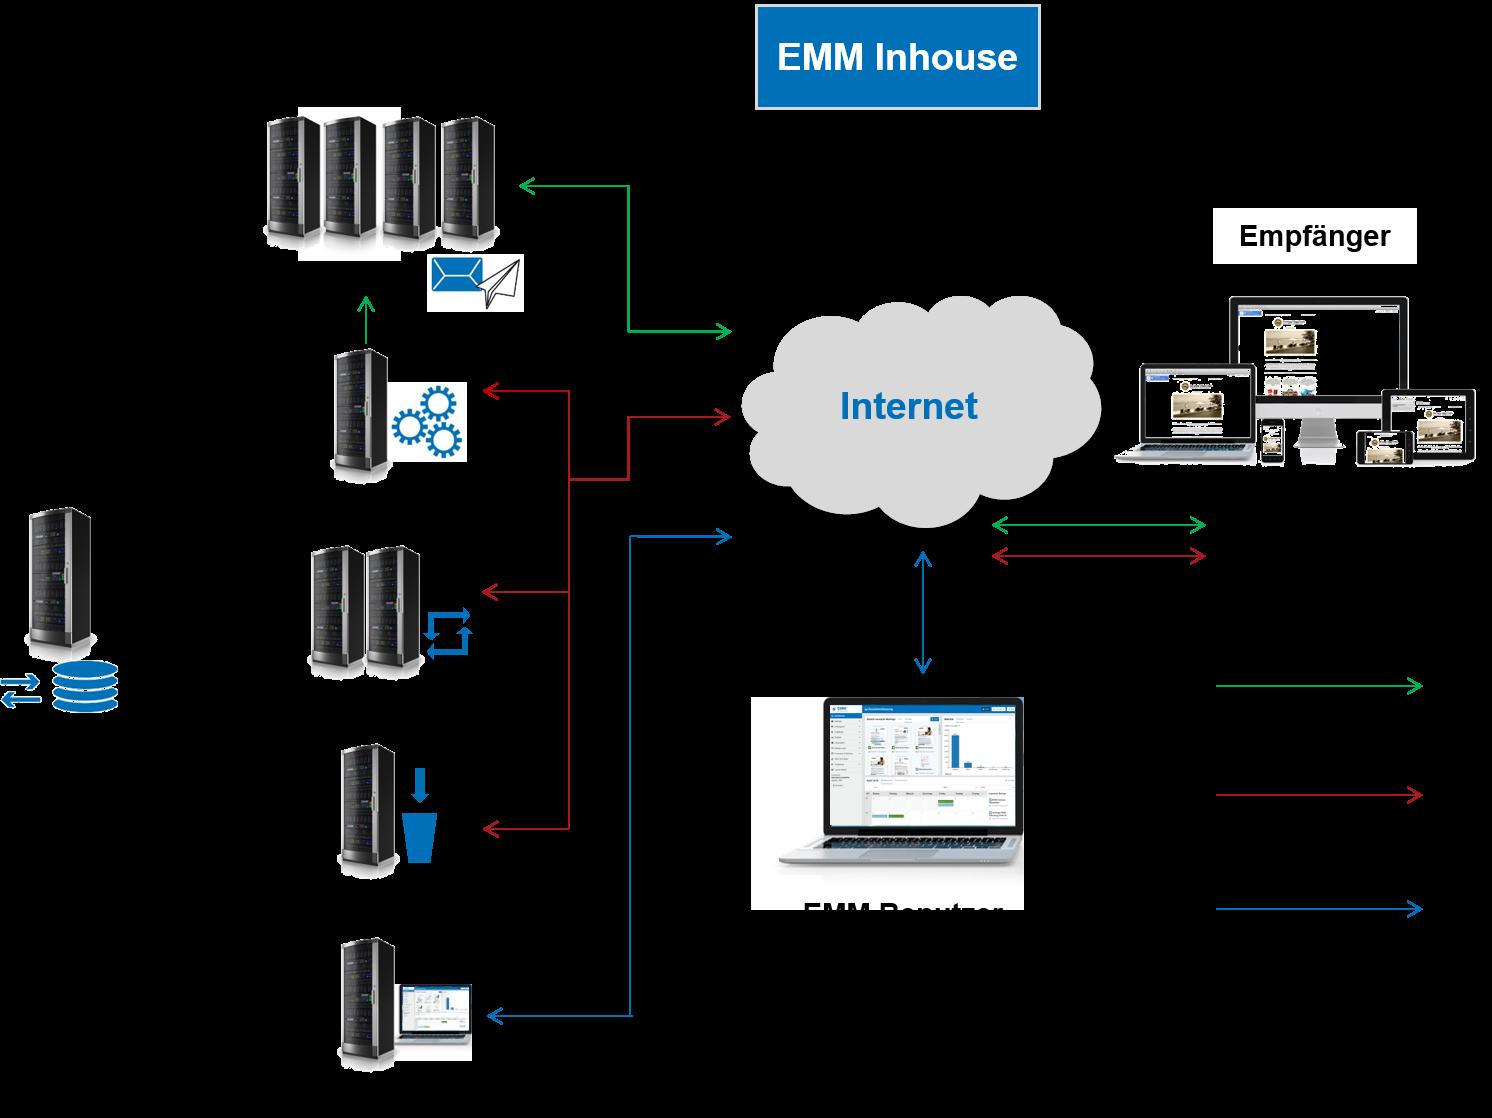 Schema-Systemlandschaft EMM Inhouse